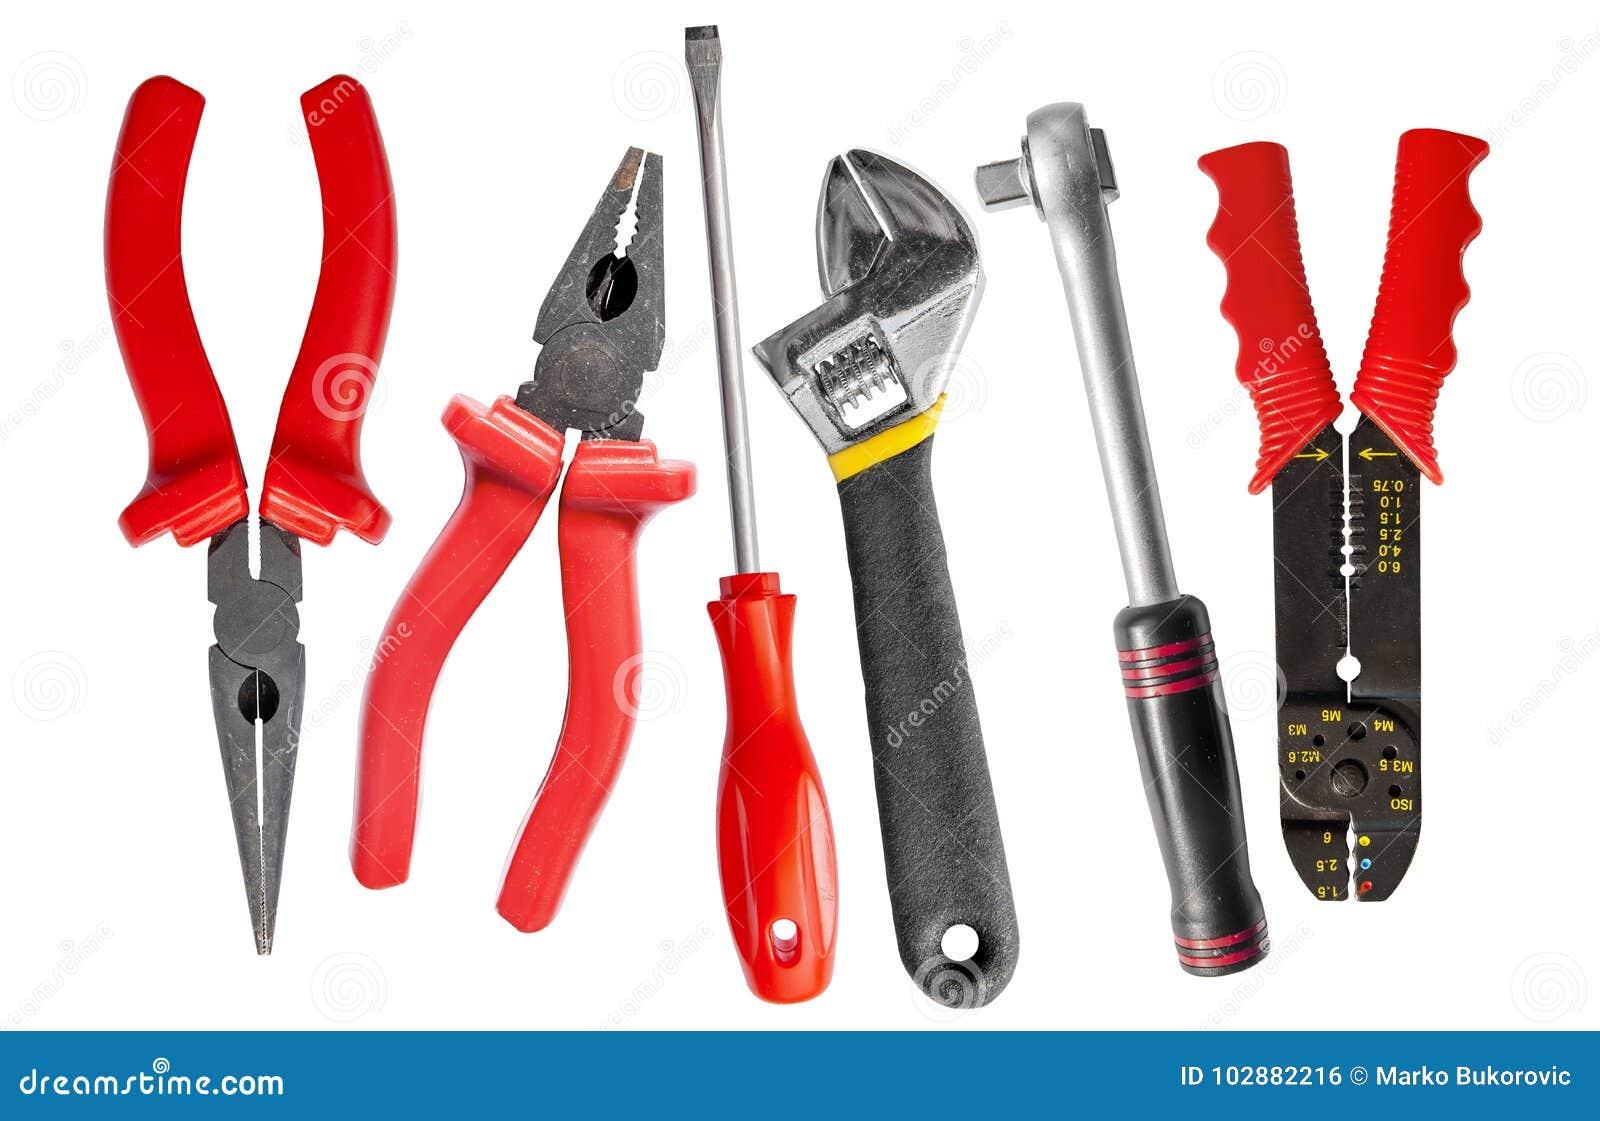 Hjälpmedeluppsättning av skiftnyckel, skiftnyckel, plattång och skruvmejsel